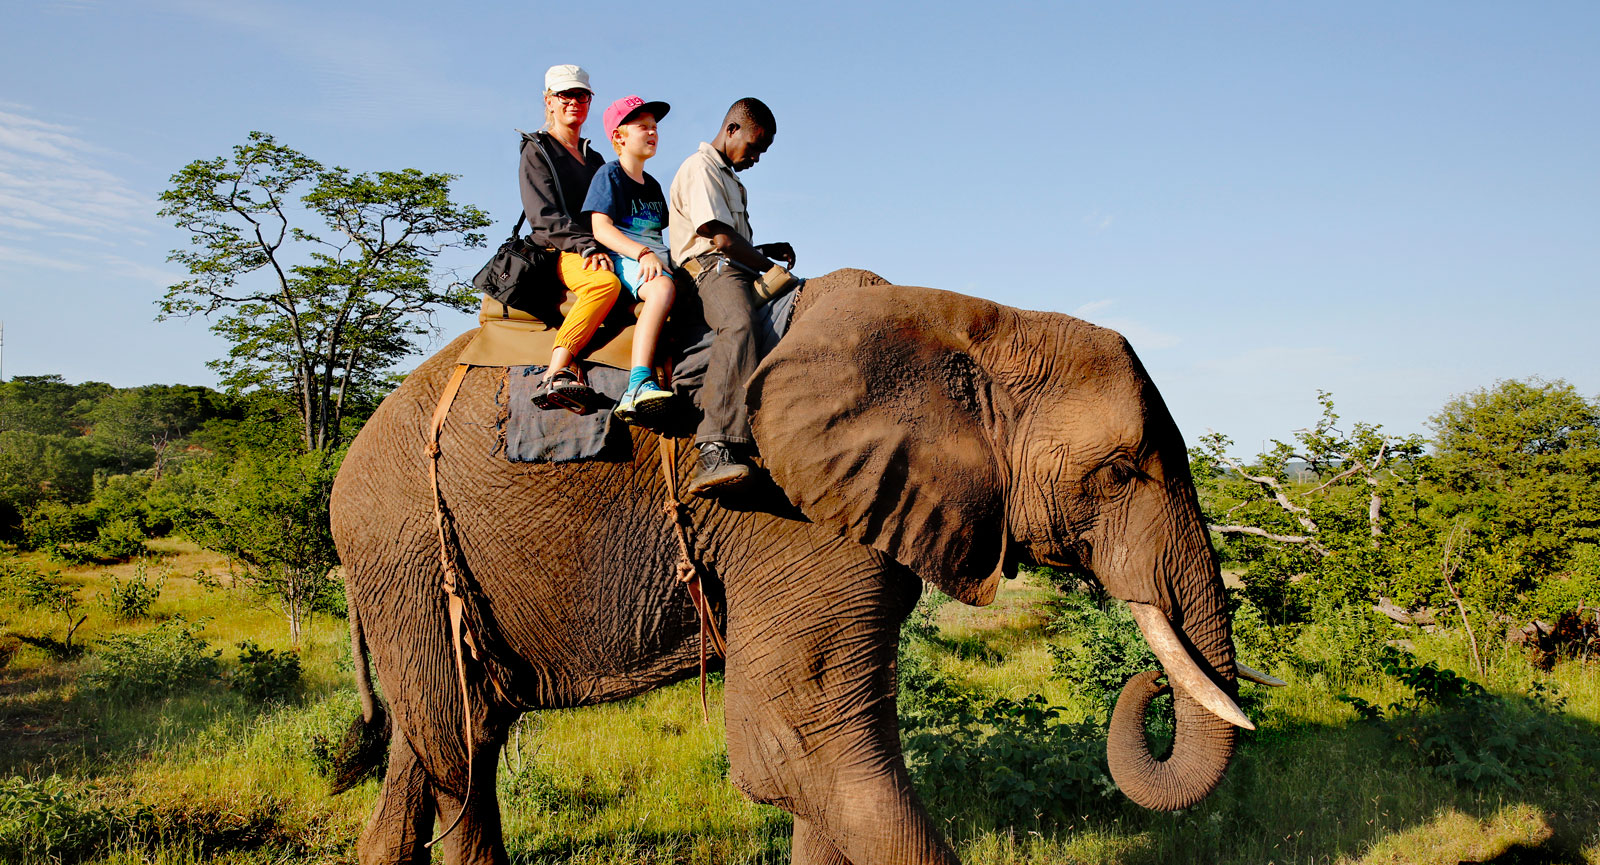 Det blir många äventyrliga inslag för familjen och mankhöjden på en elefant är inget för ryttare med höjdrädsla.